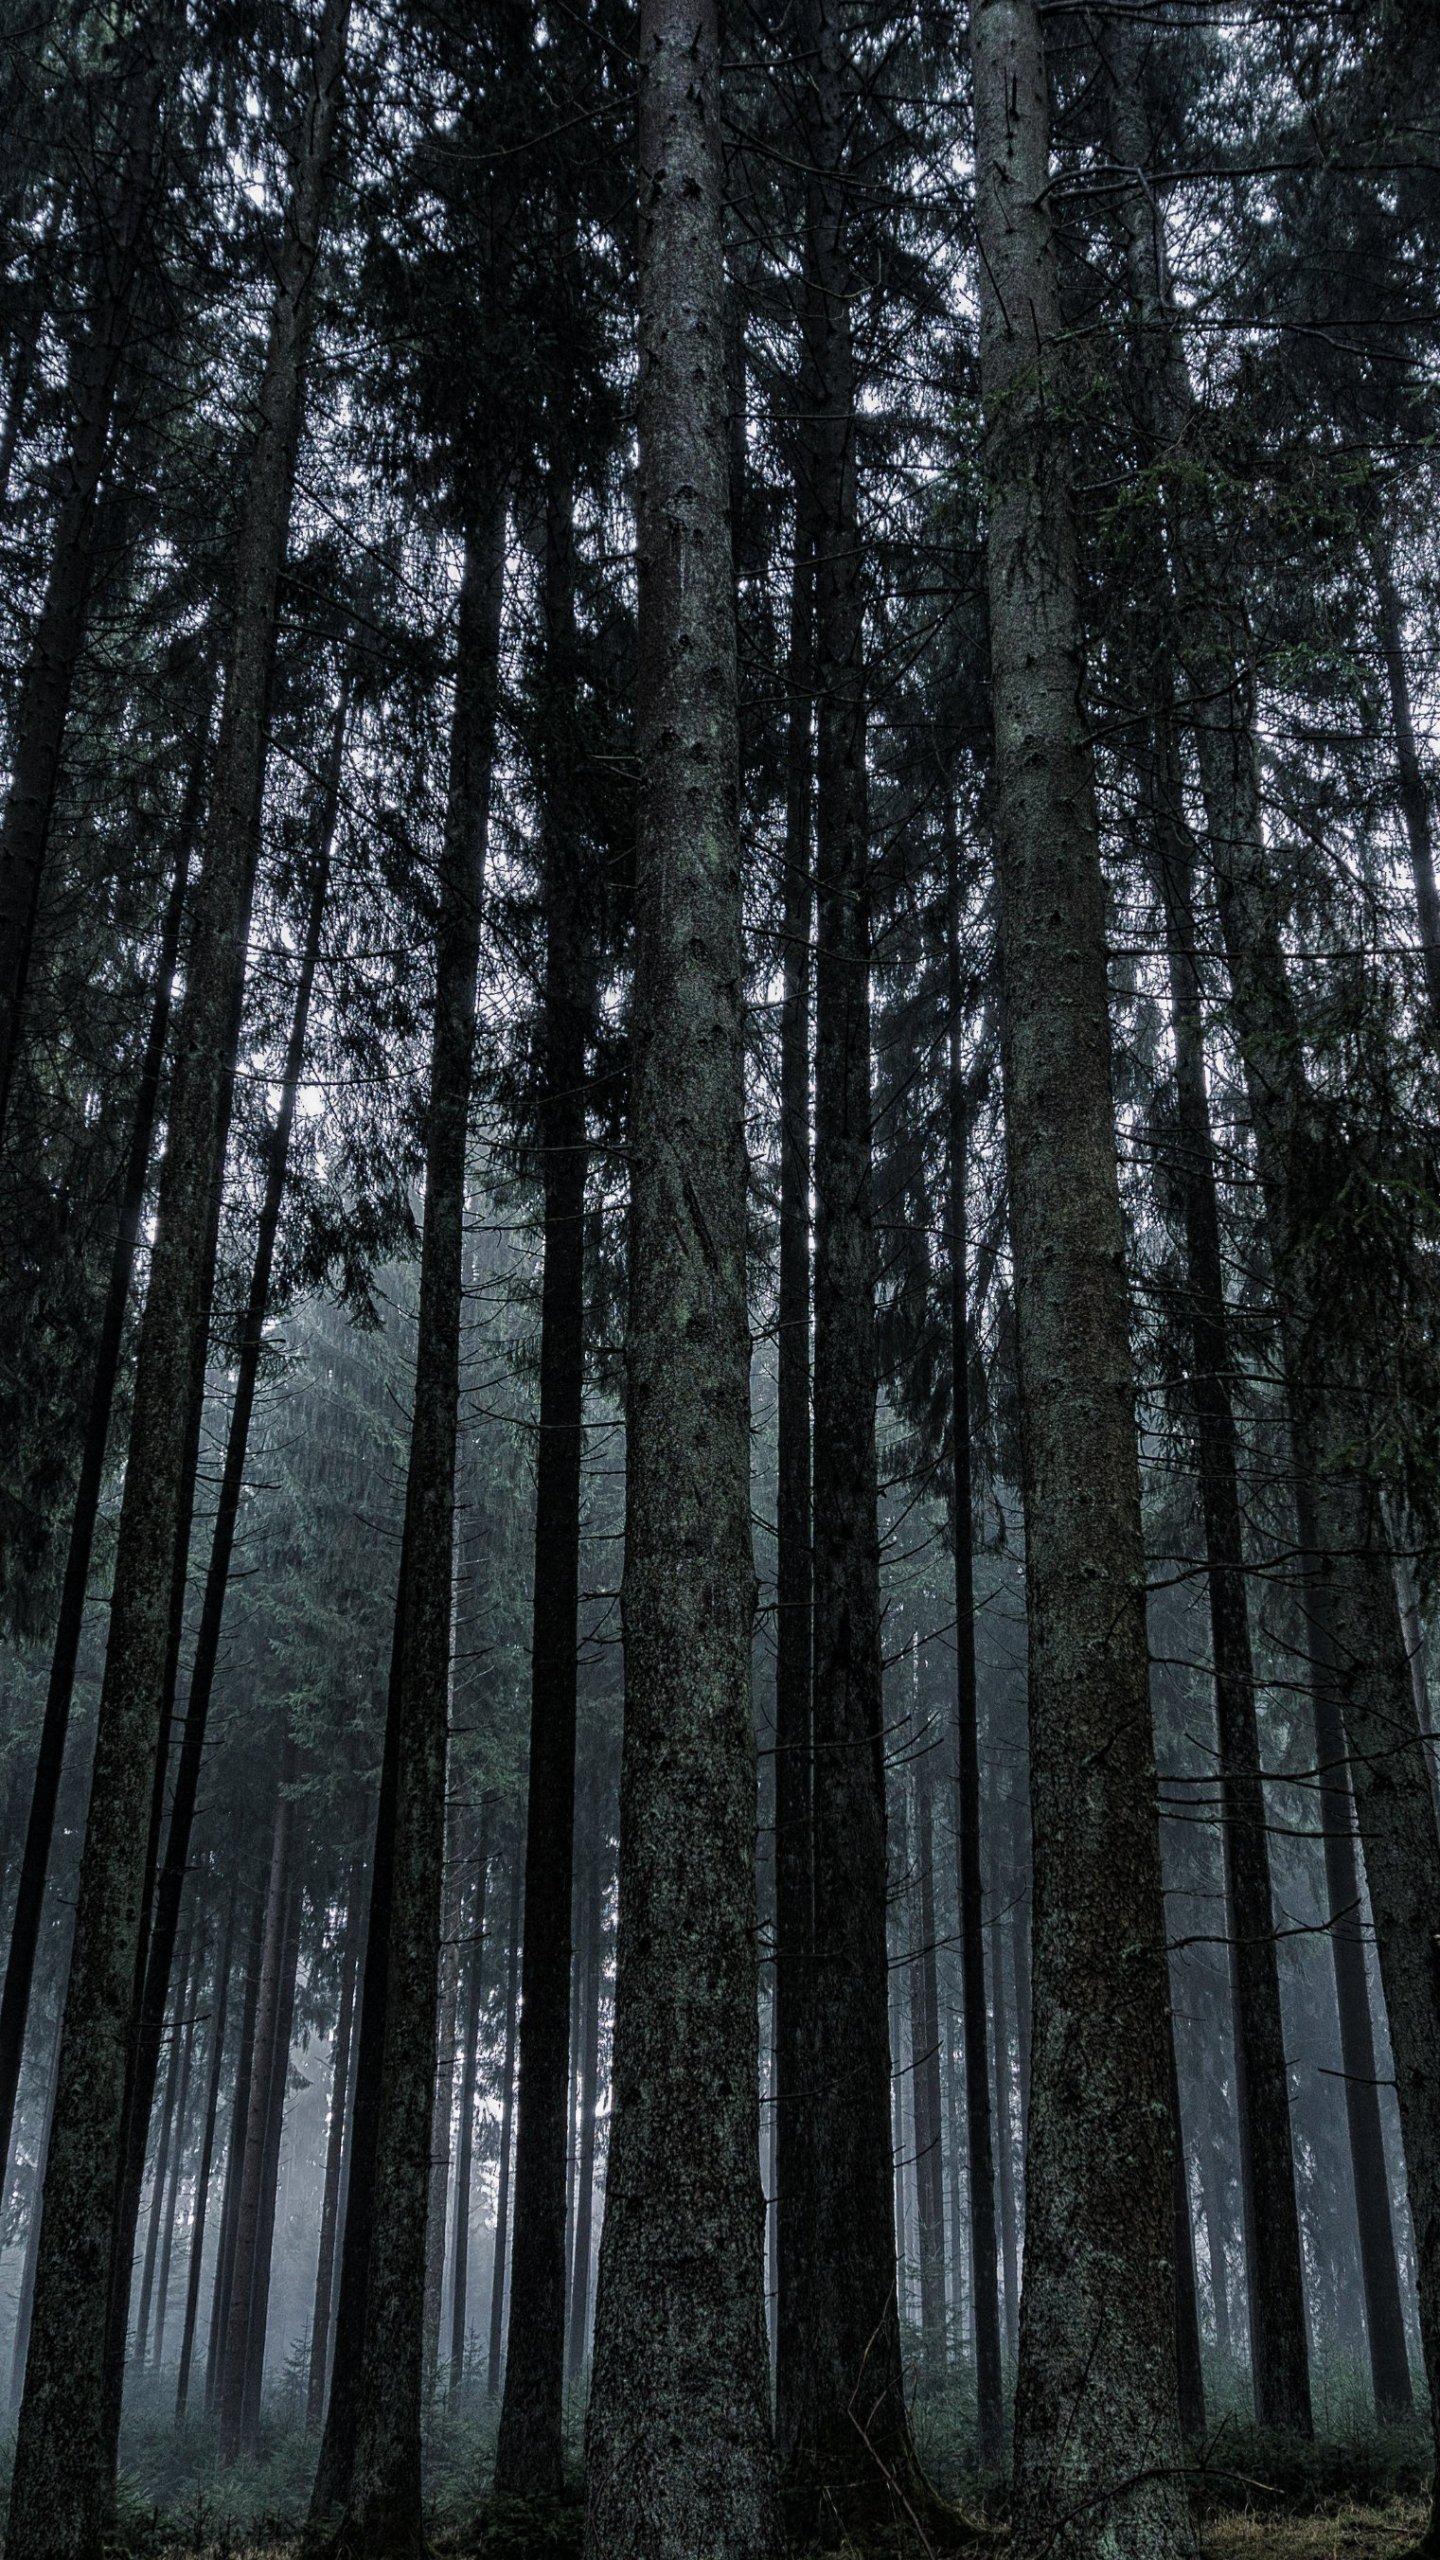 Dark Forest Wallpaper Mobile Amp Desktop Background